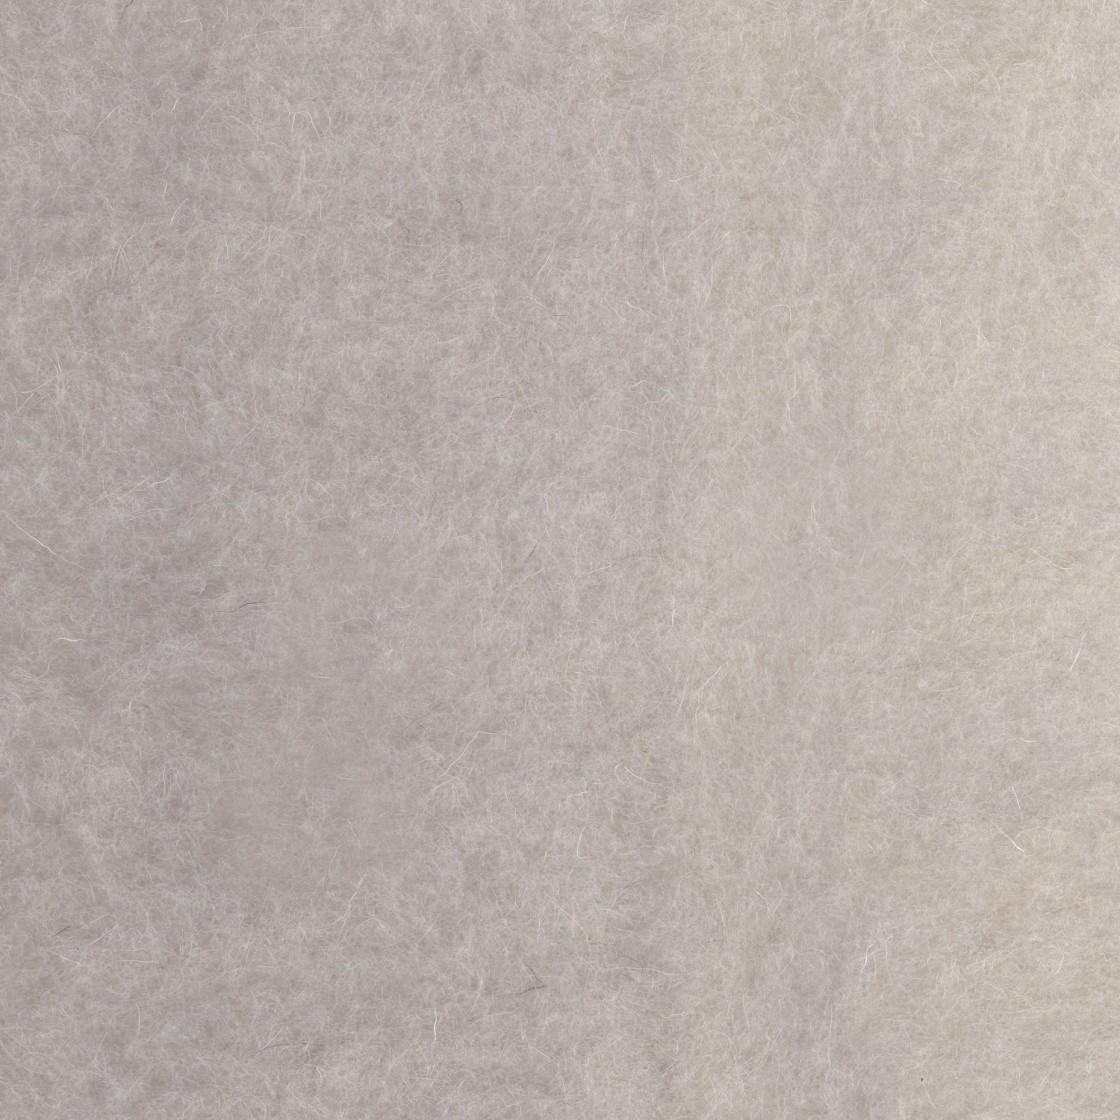 """Doublure Chaude - Textile """"Façon Mouton"""", 1 couleur"""